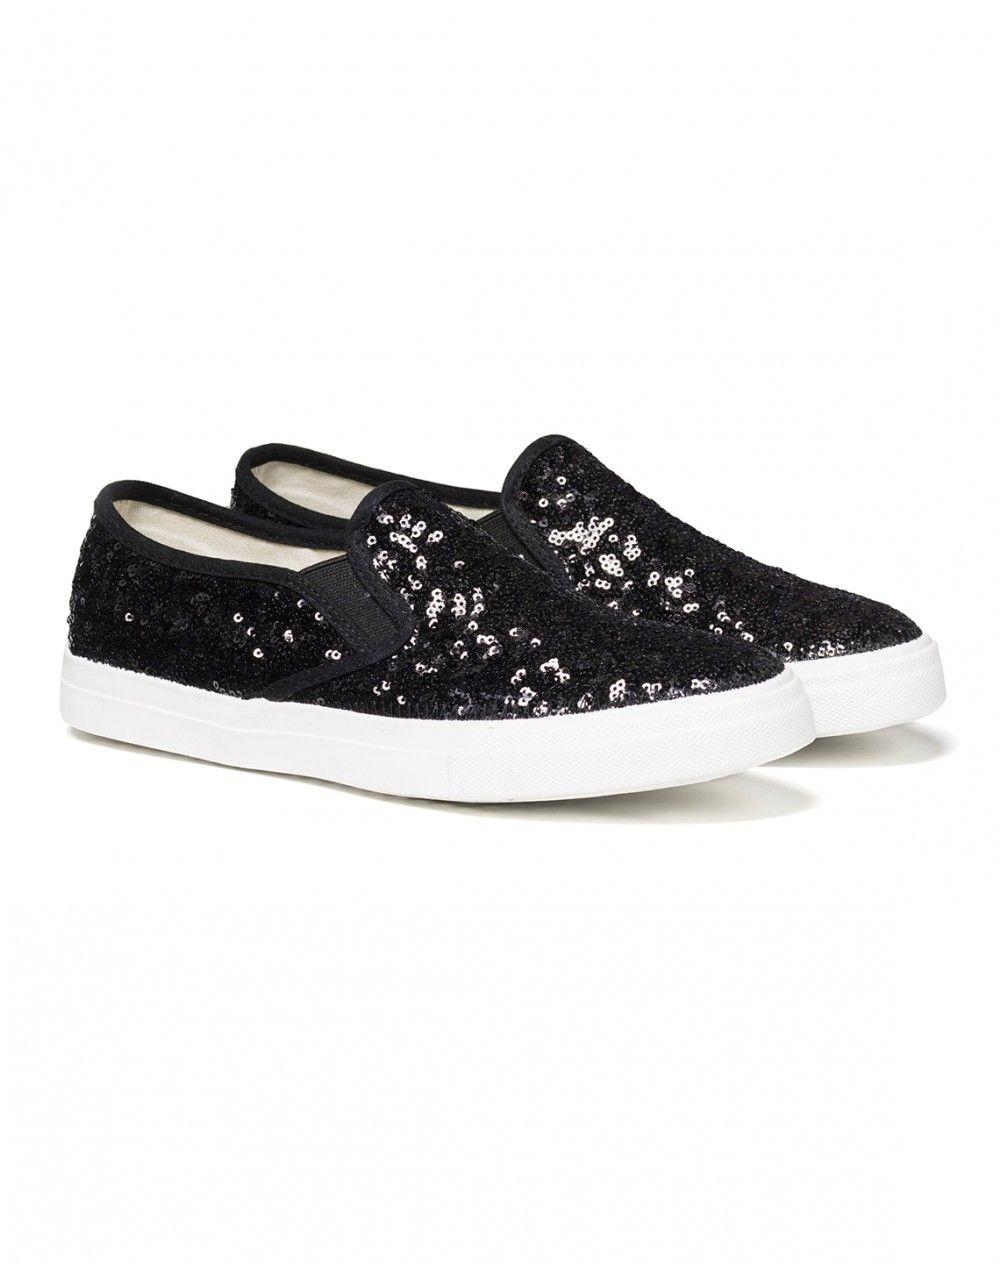 Sneakers de cunha glitter - CALÇADOS - MULHER